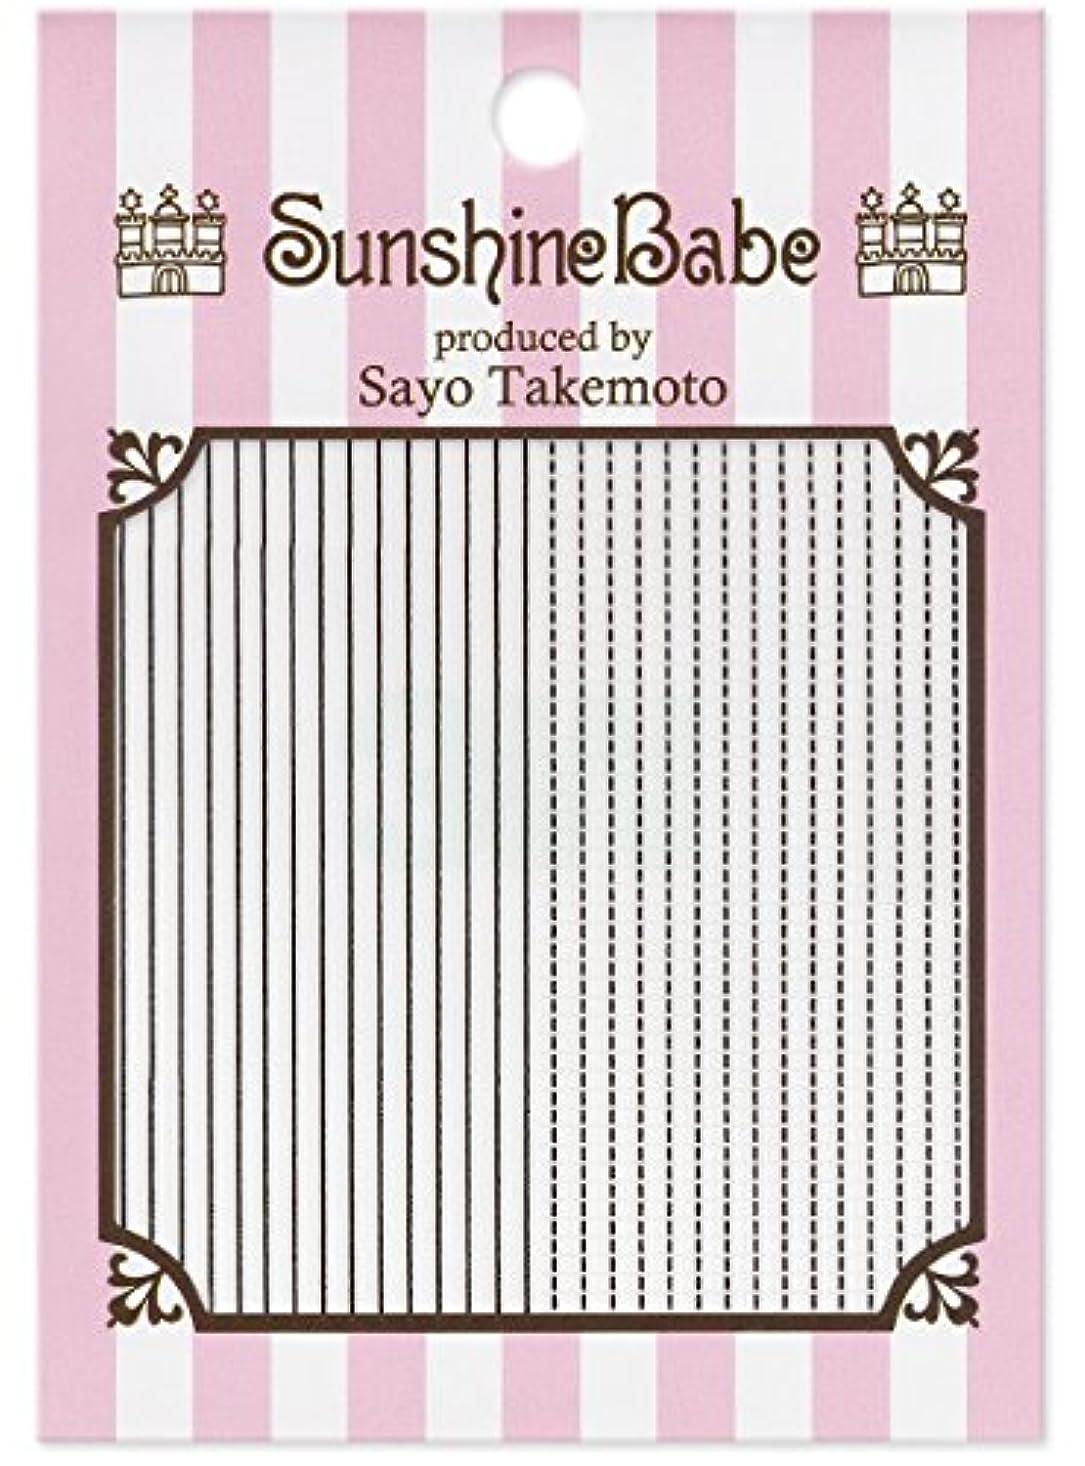 キャップ中に忘れられないサンシャインベビー ジェルネイル 武本小夜のネイルシール Sayo Style ラインステッチ ブラック